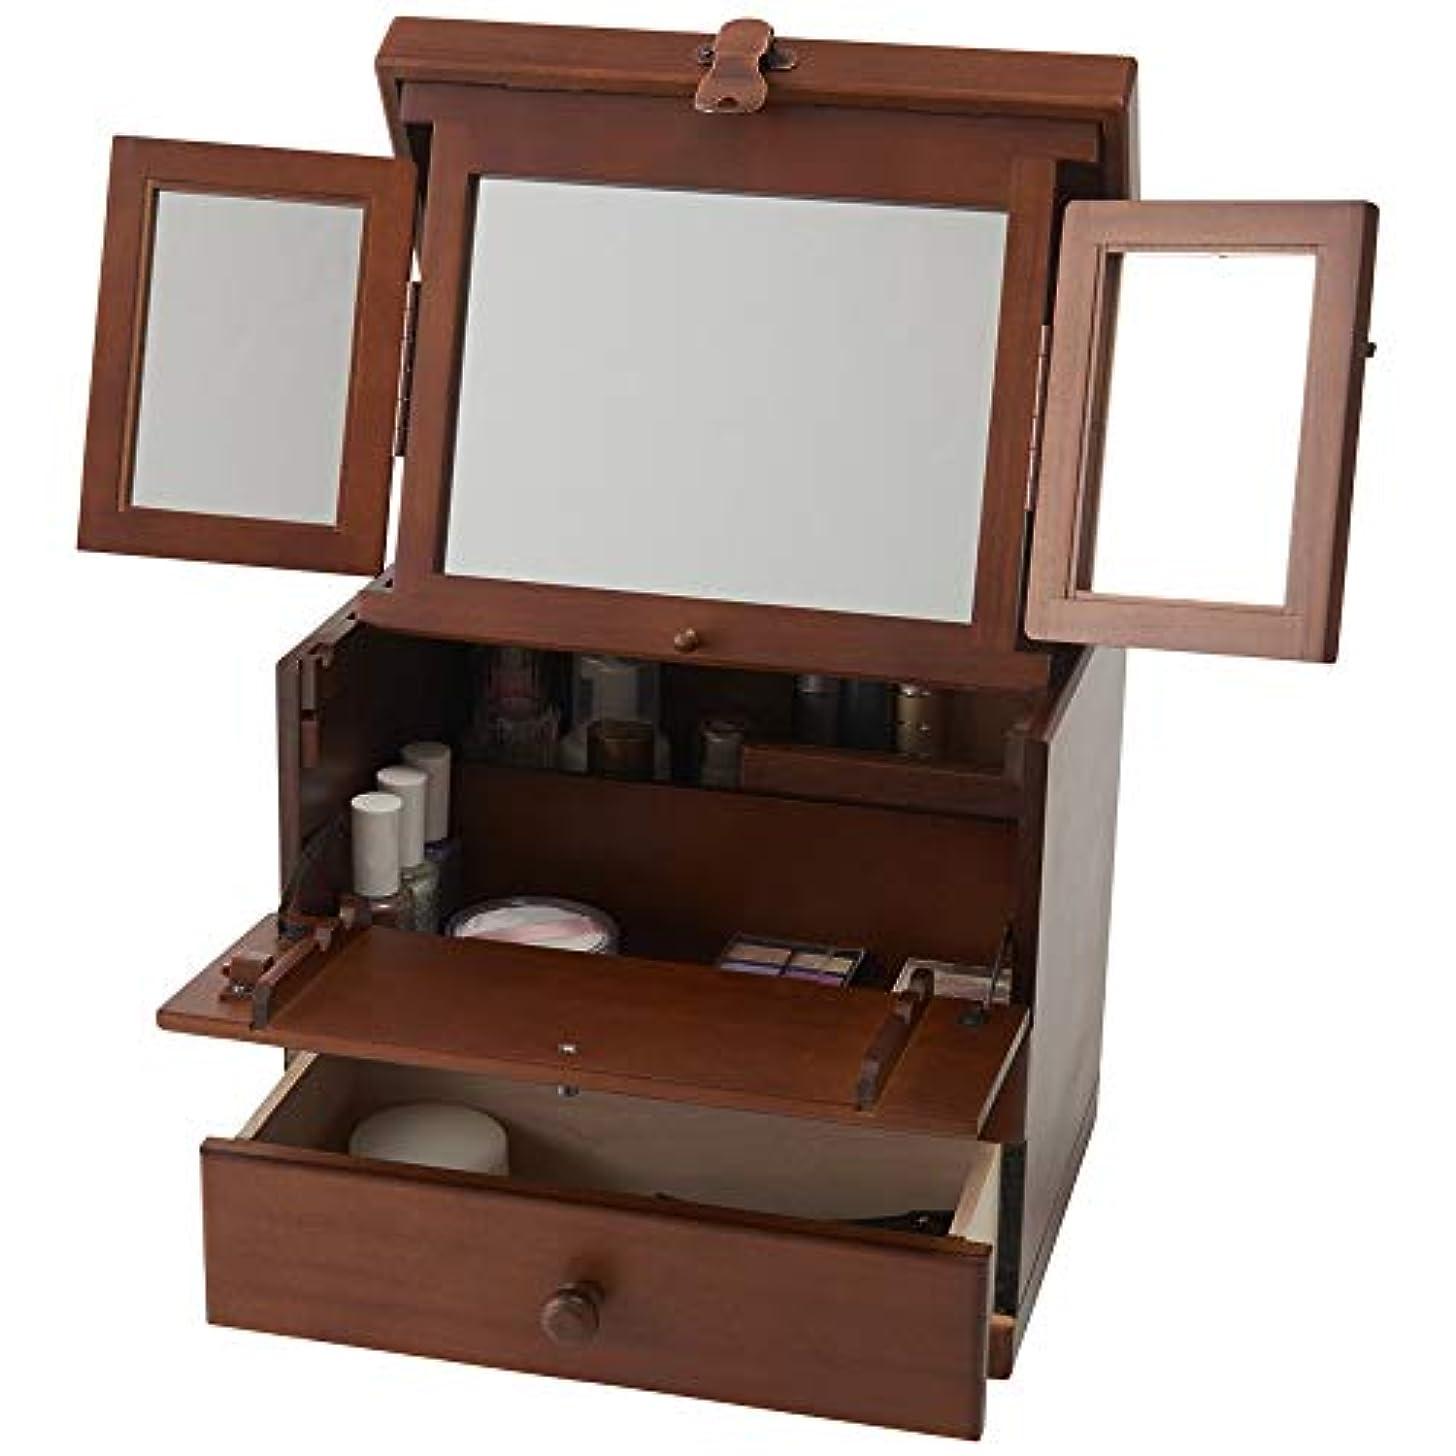 誰かカウント協力木製コスメボックス 三面鏡 持ち運び 鏡付き 化粧ボックス メイクボックス 日本製